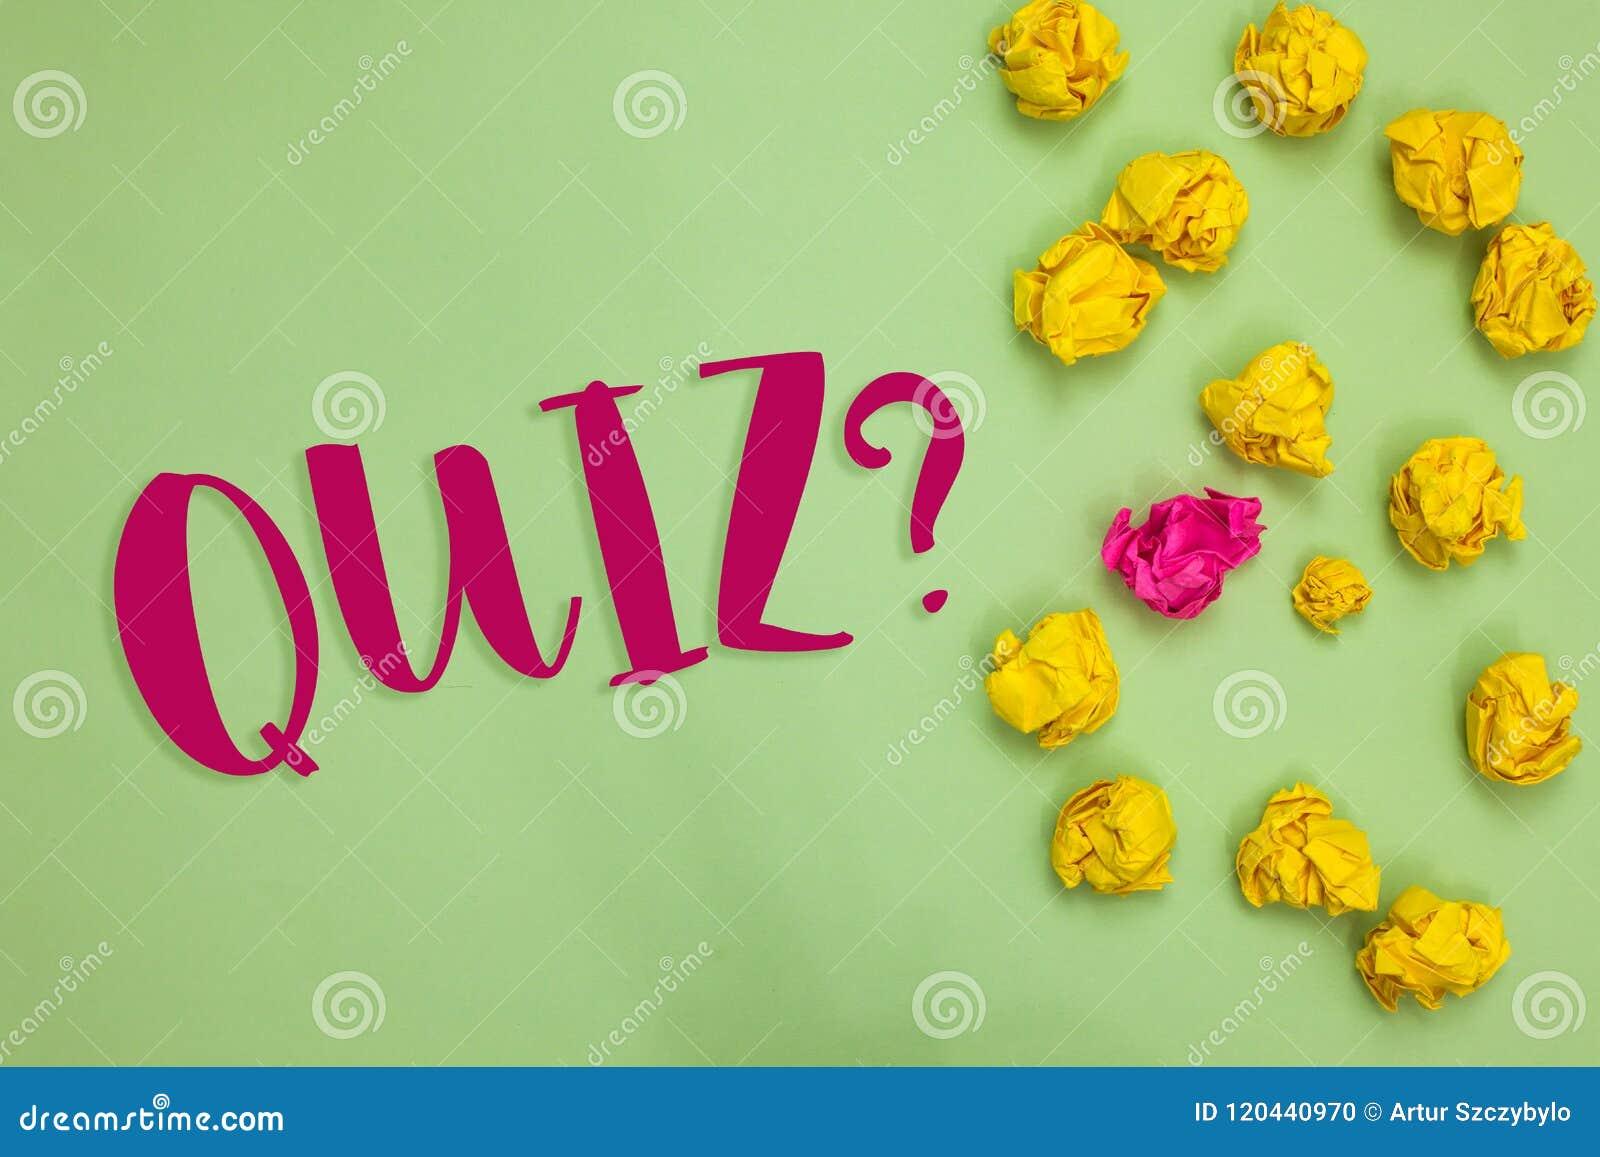 Circuito Significado : Pregunta del concurso de la escritura del texto de la escritura el